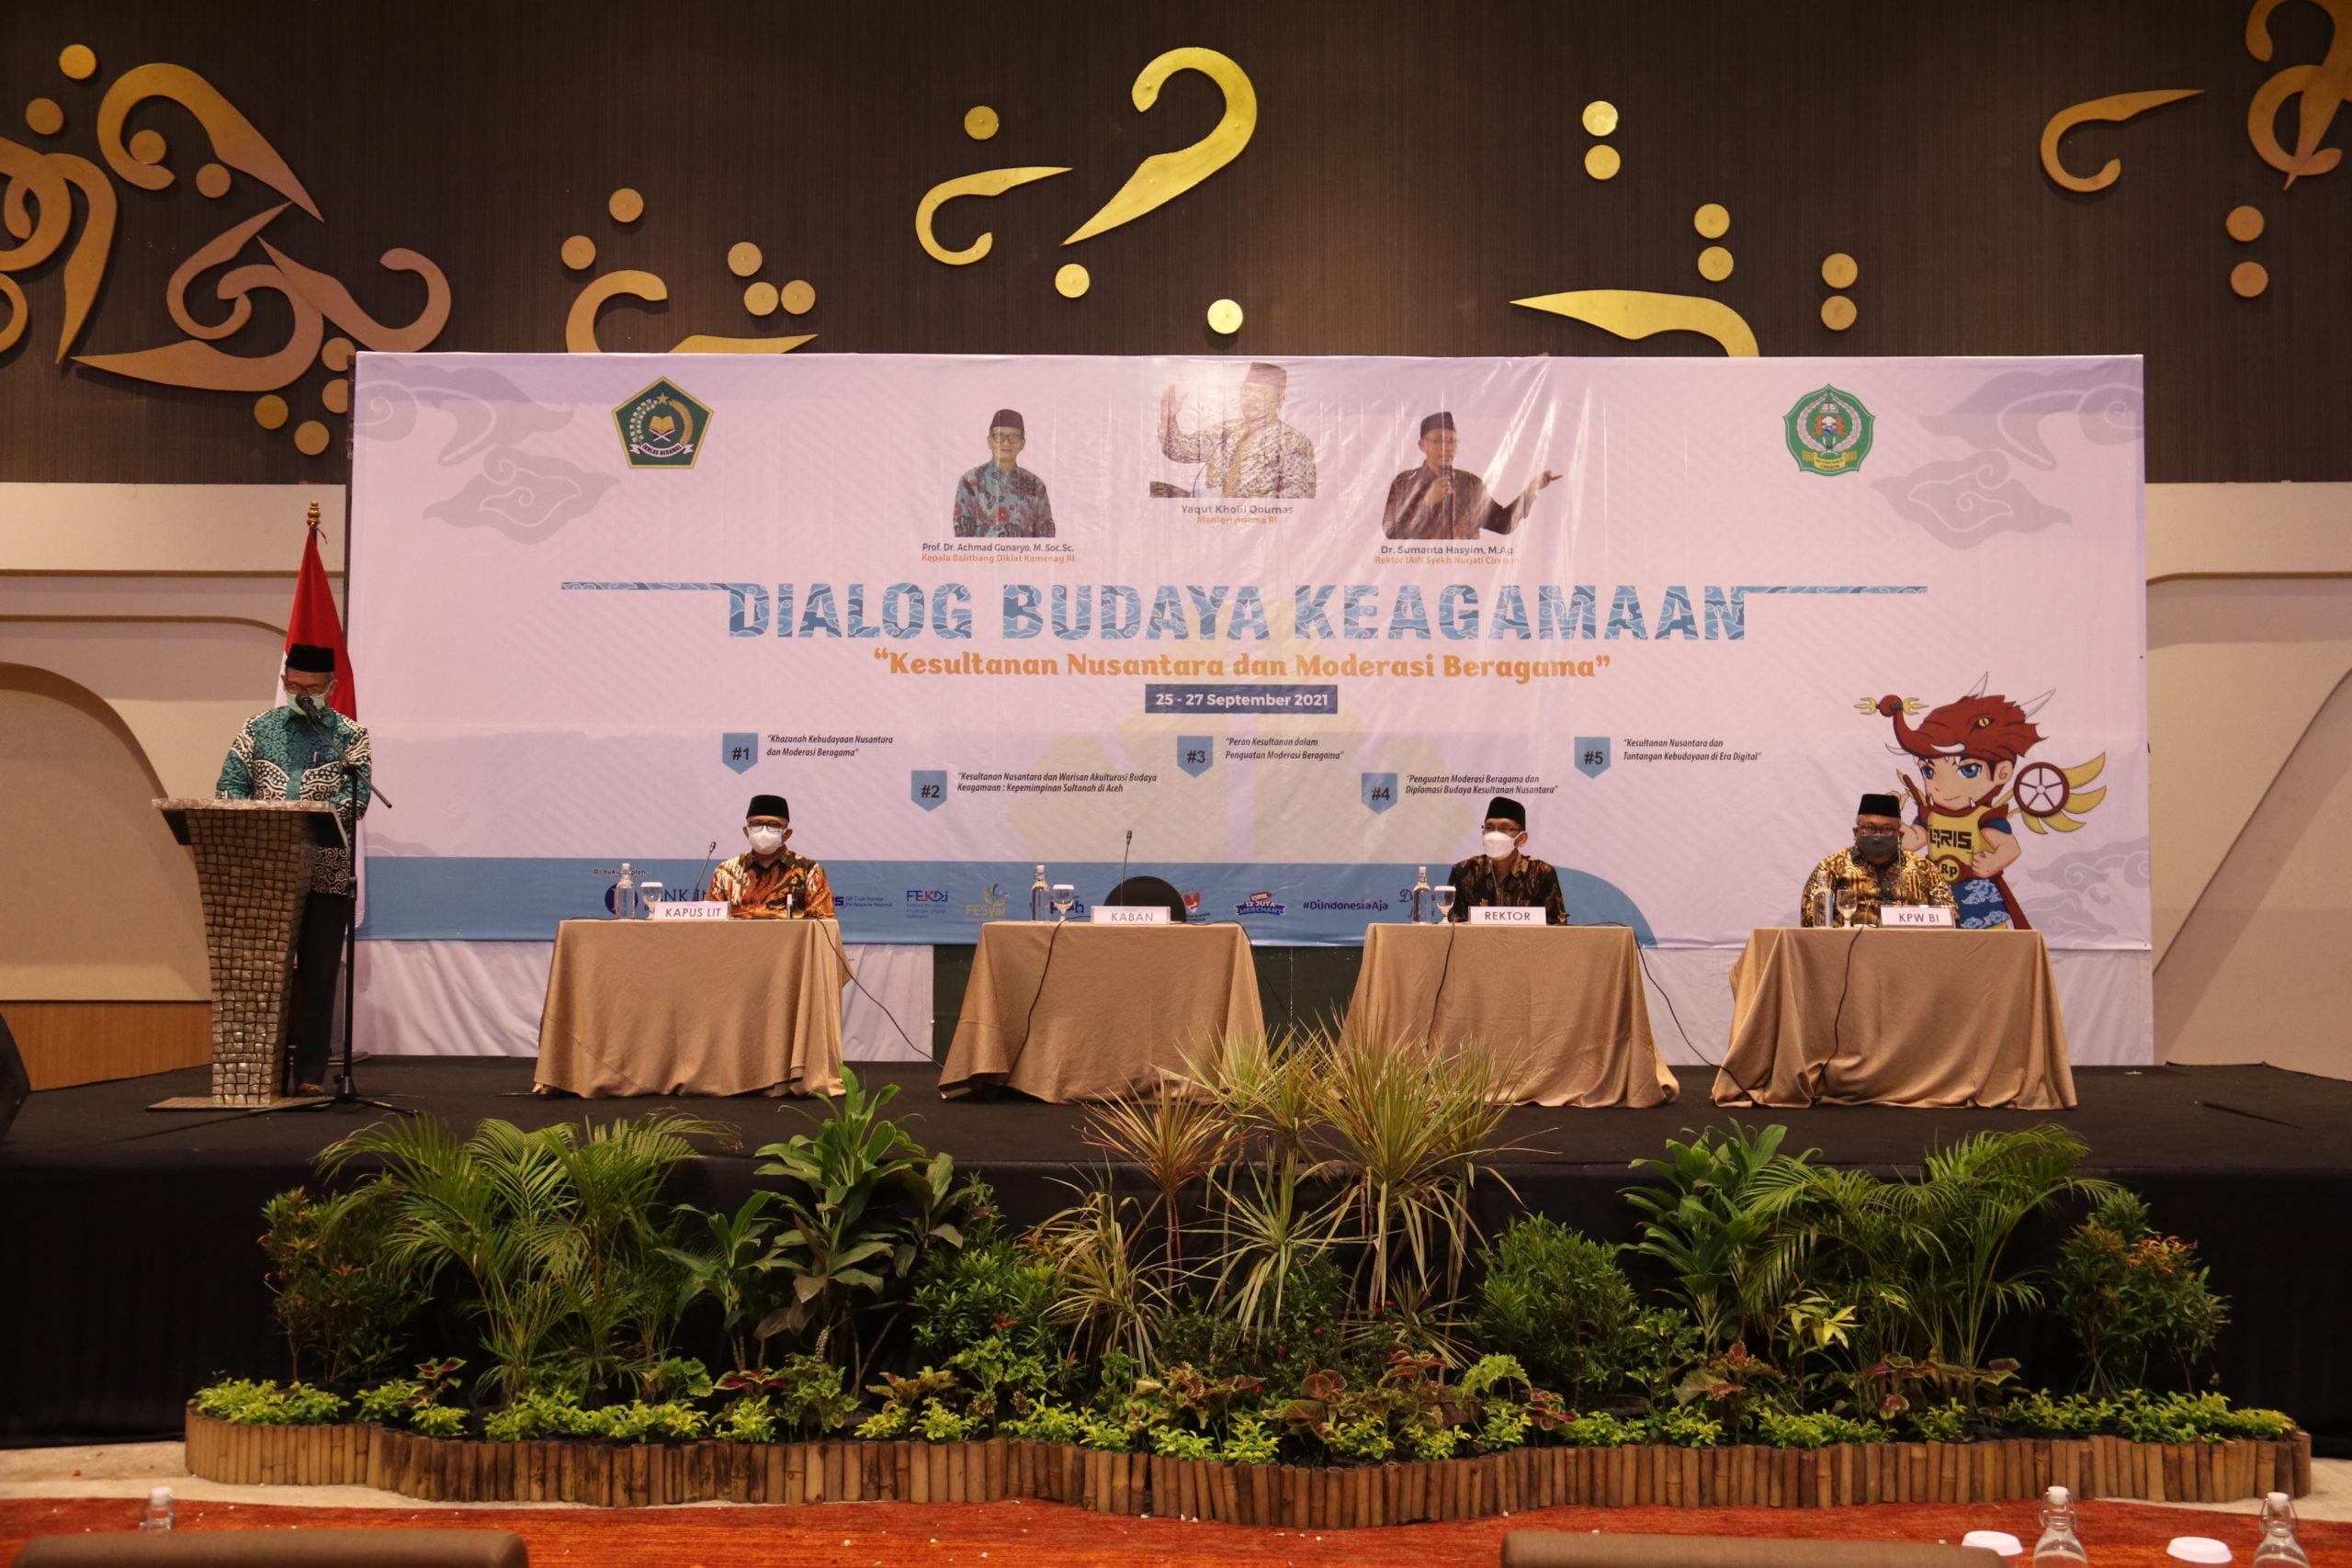 Puslitbang Kemenag RI dan IAIN Cirebon Gelar Dialog Budaya Keagamaan